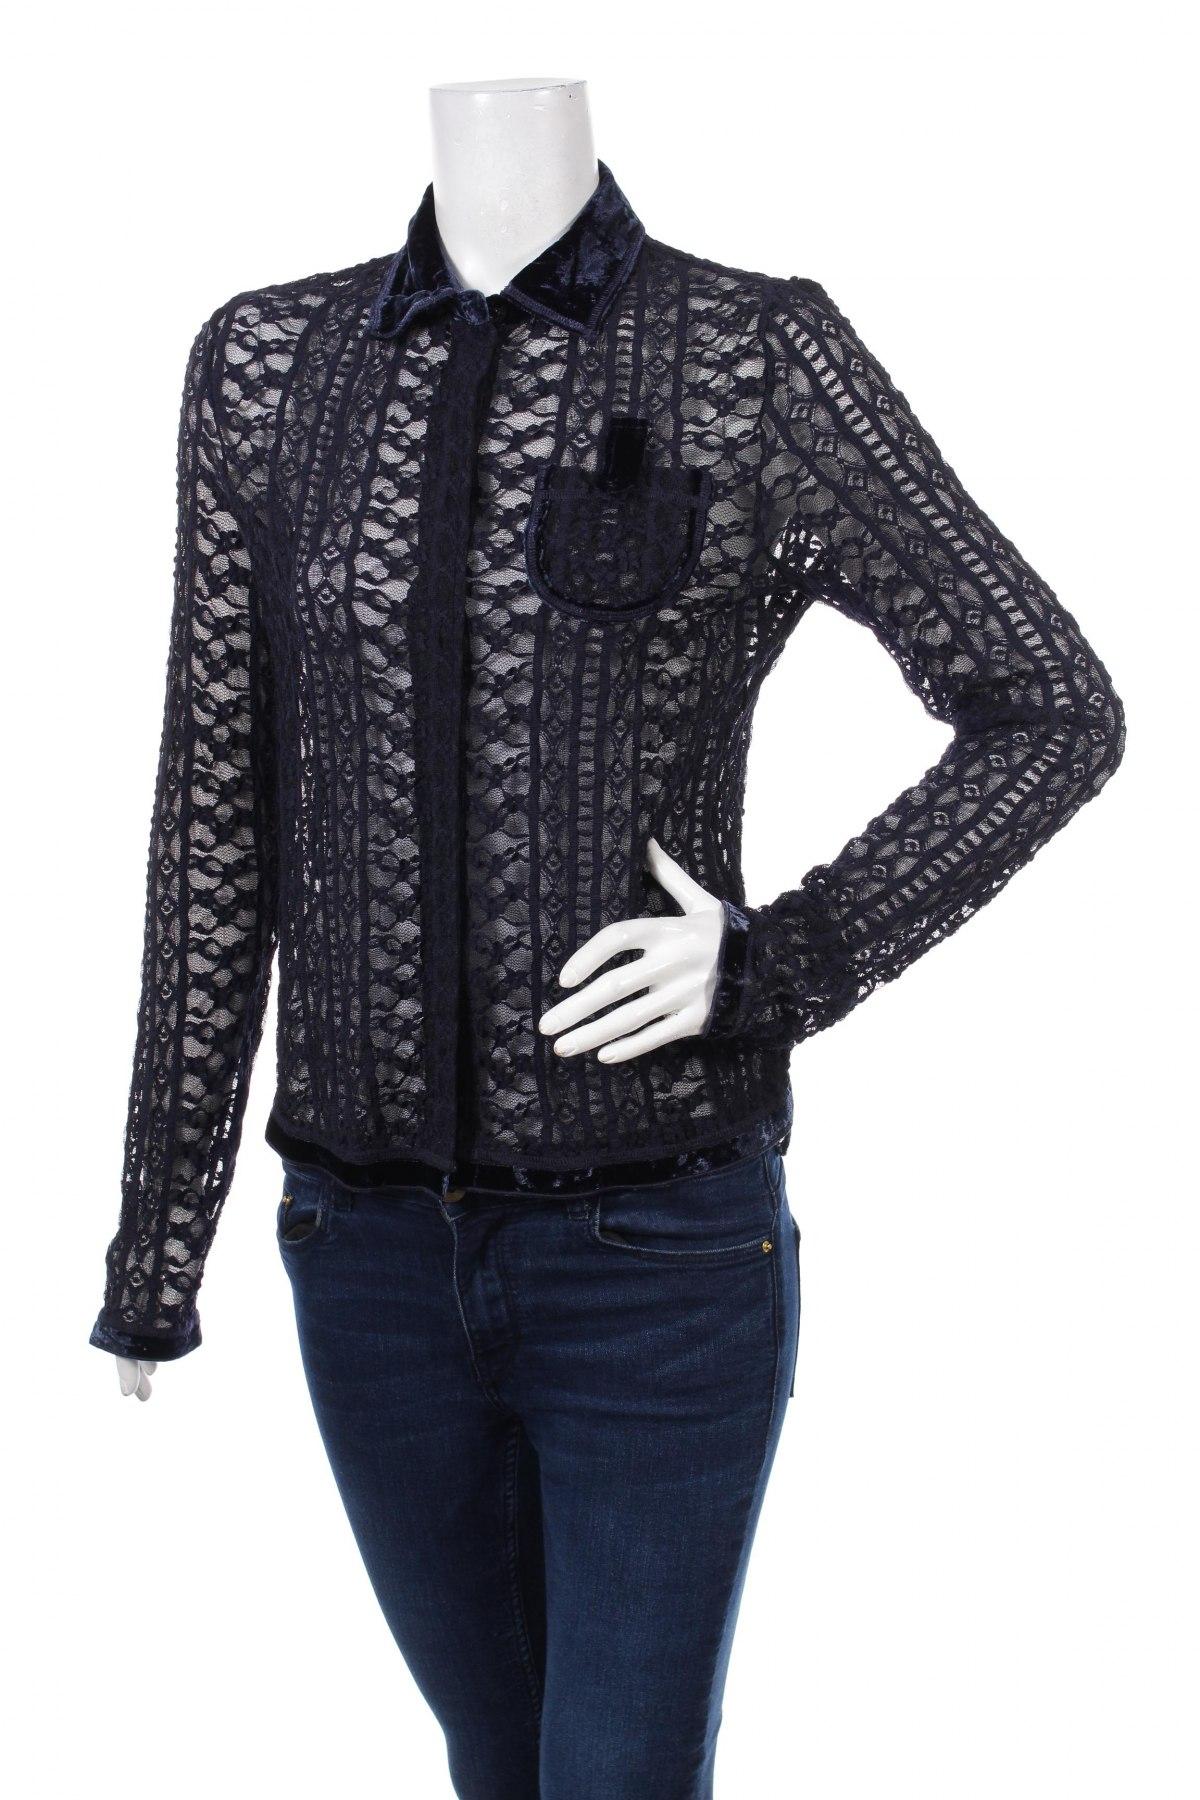 Γυναικείο πουκάμισο Hucke, Μέγεθος S, Χρώμα Μπλέ, 90% πολυαμίδη, 10% ελαστάνη, Τιμή 17,53€